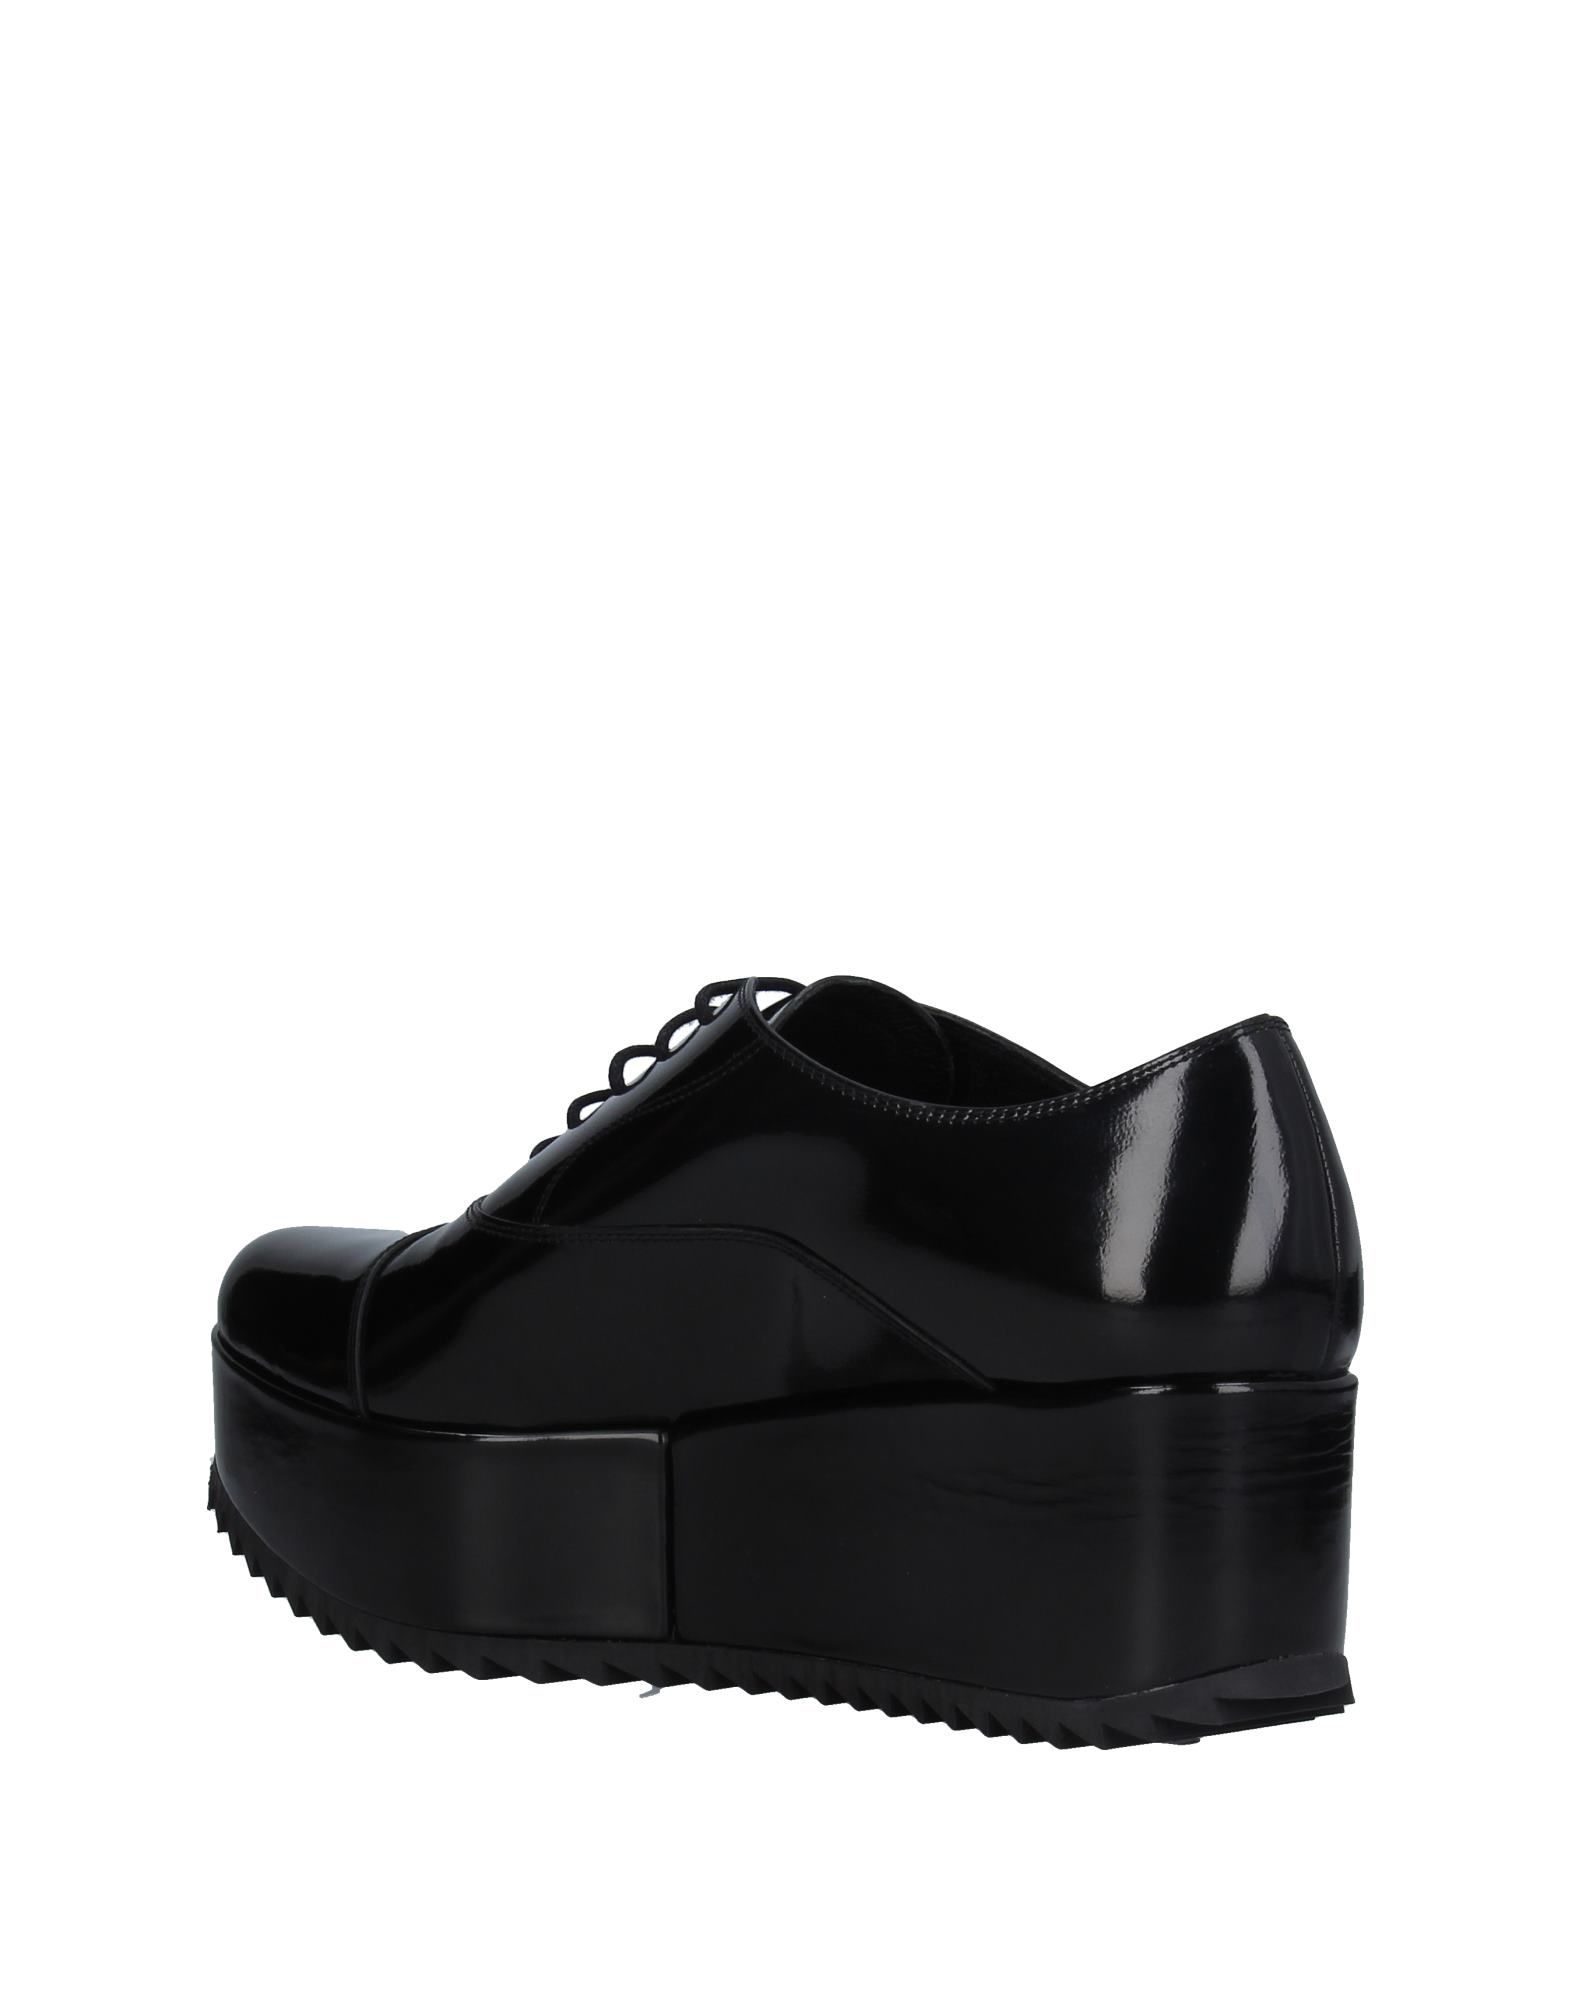 Rabatt Damen Schuhe Pedro García Schnürschuhe Damen Rabatt  11280746UG 2a1279